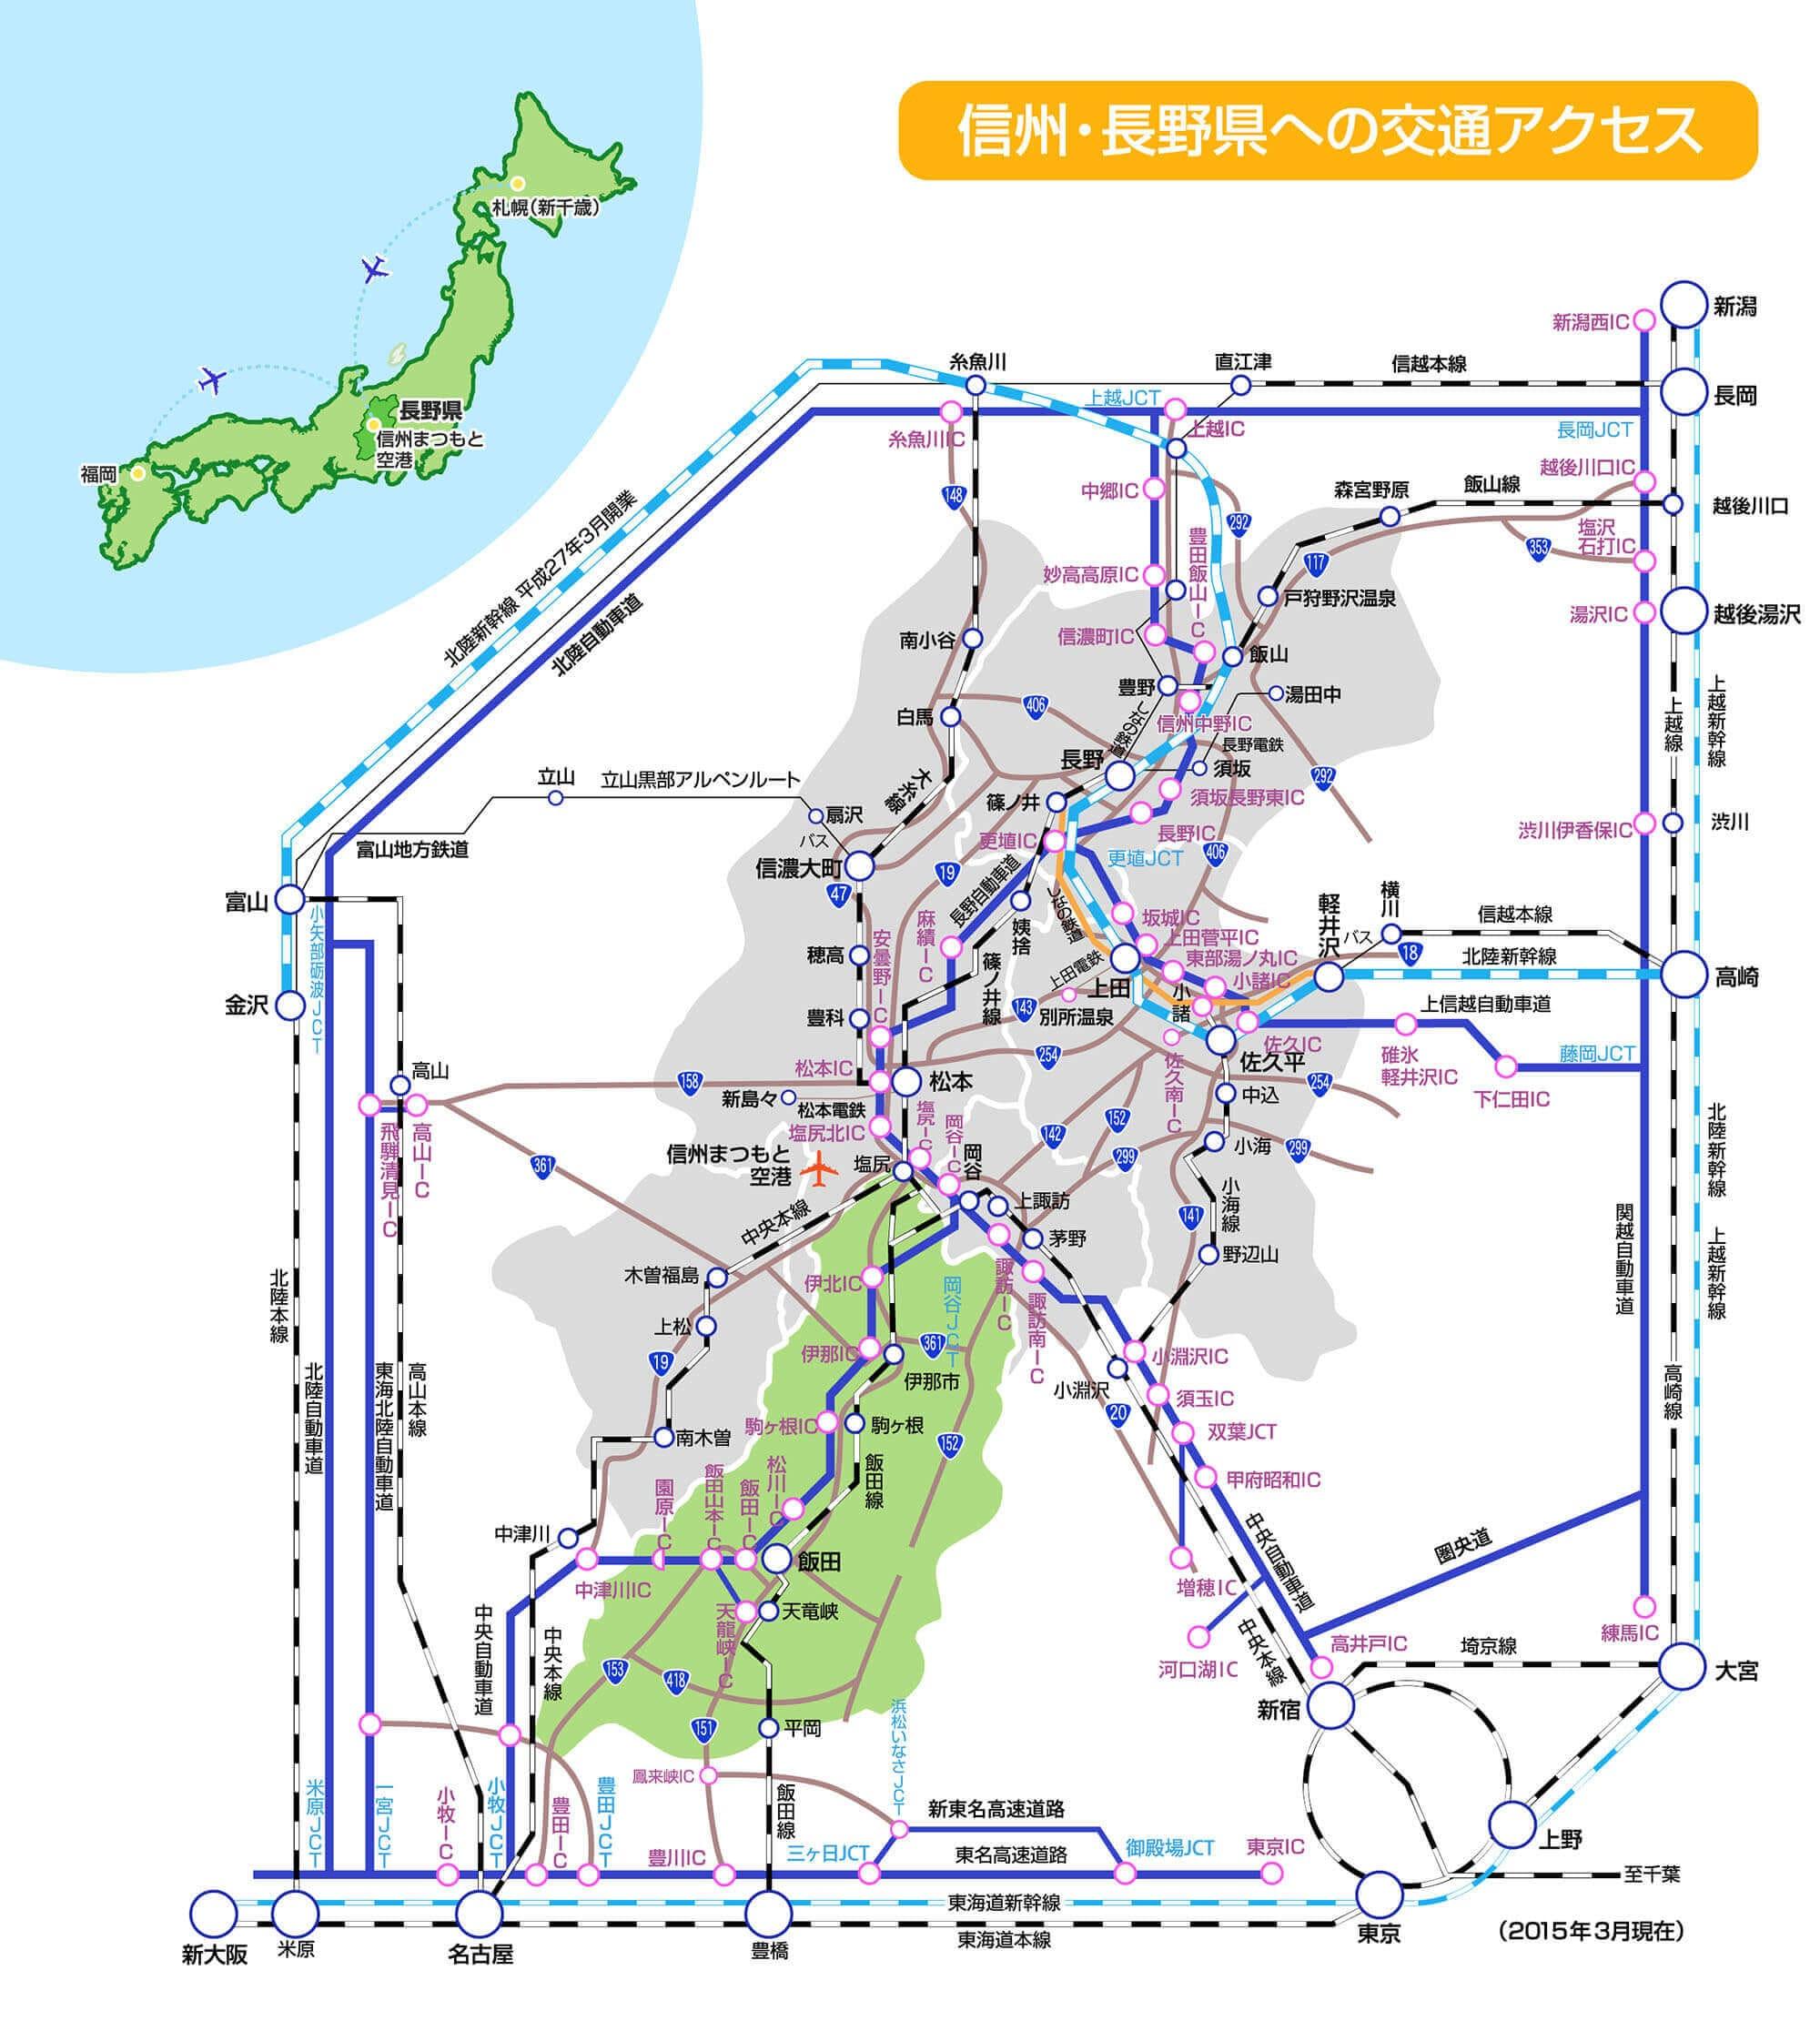 長野県交通・アクセスマップ